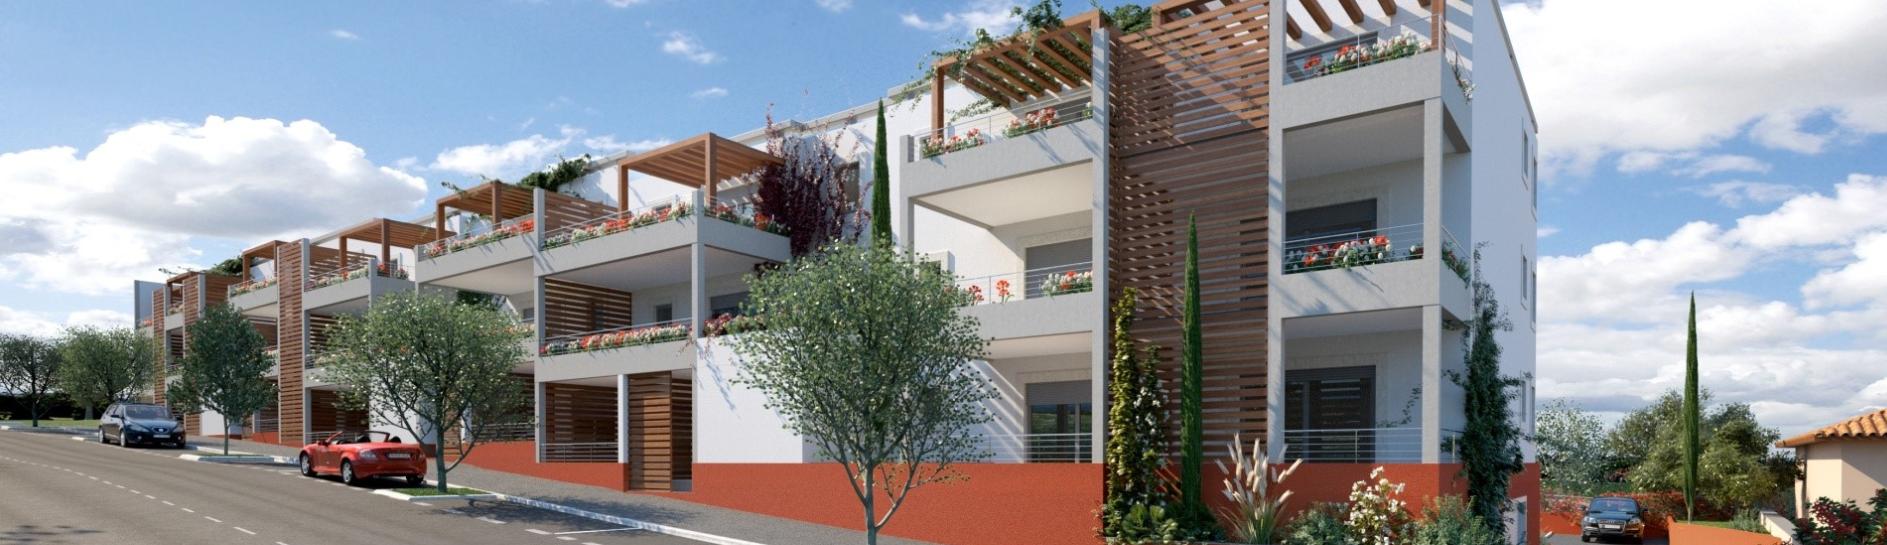 Synergie constructions architecte constructeur de b timents for Architecte constructeur